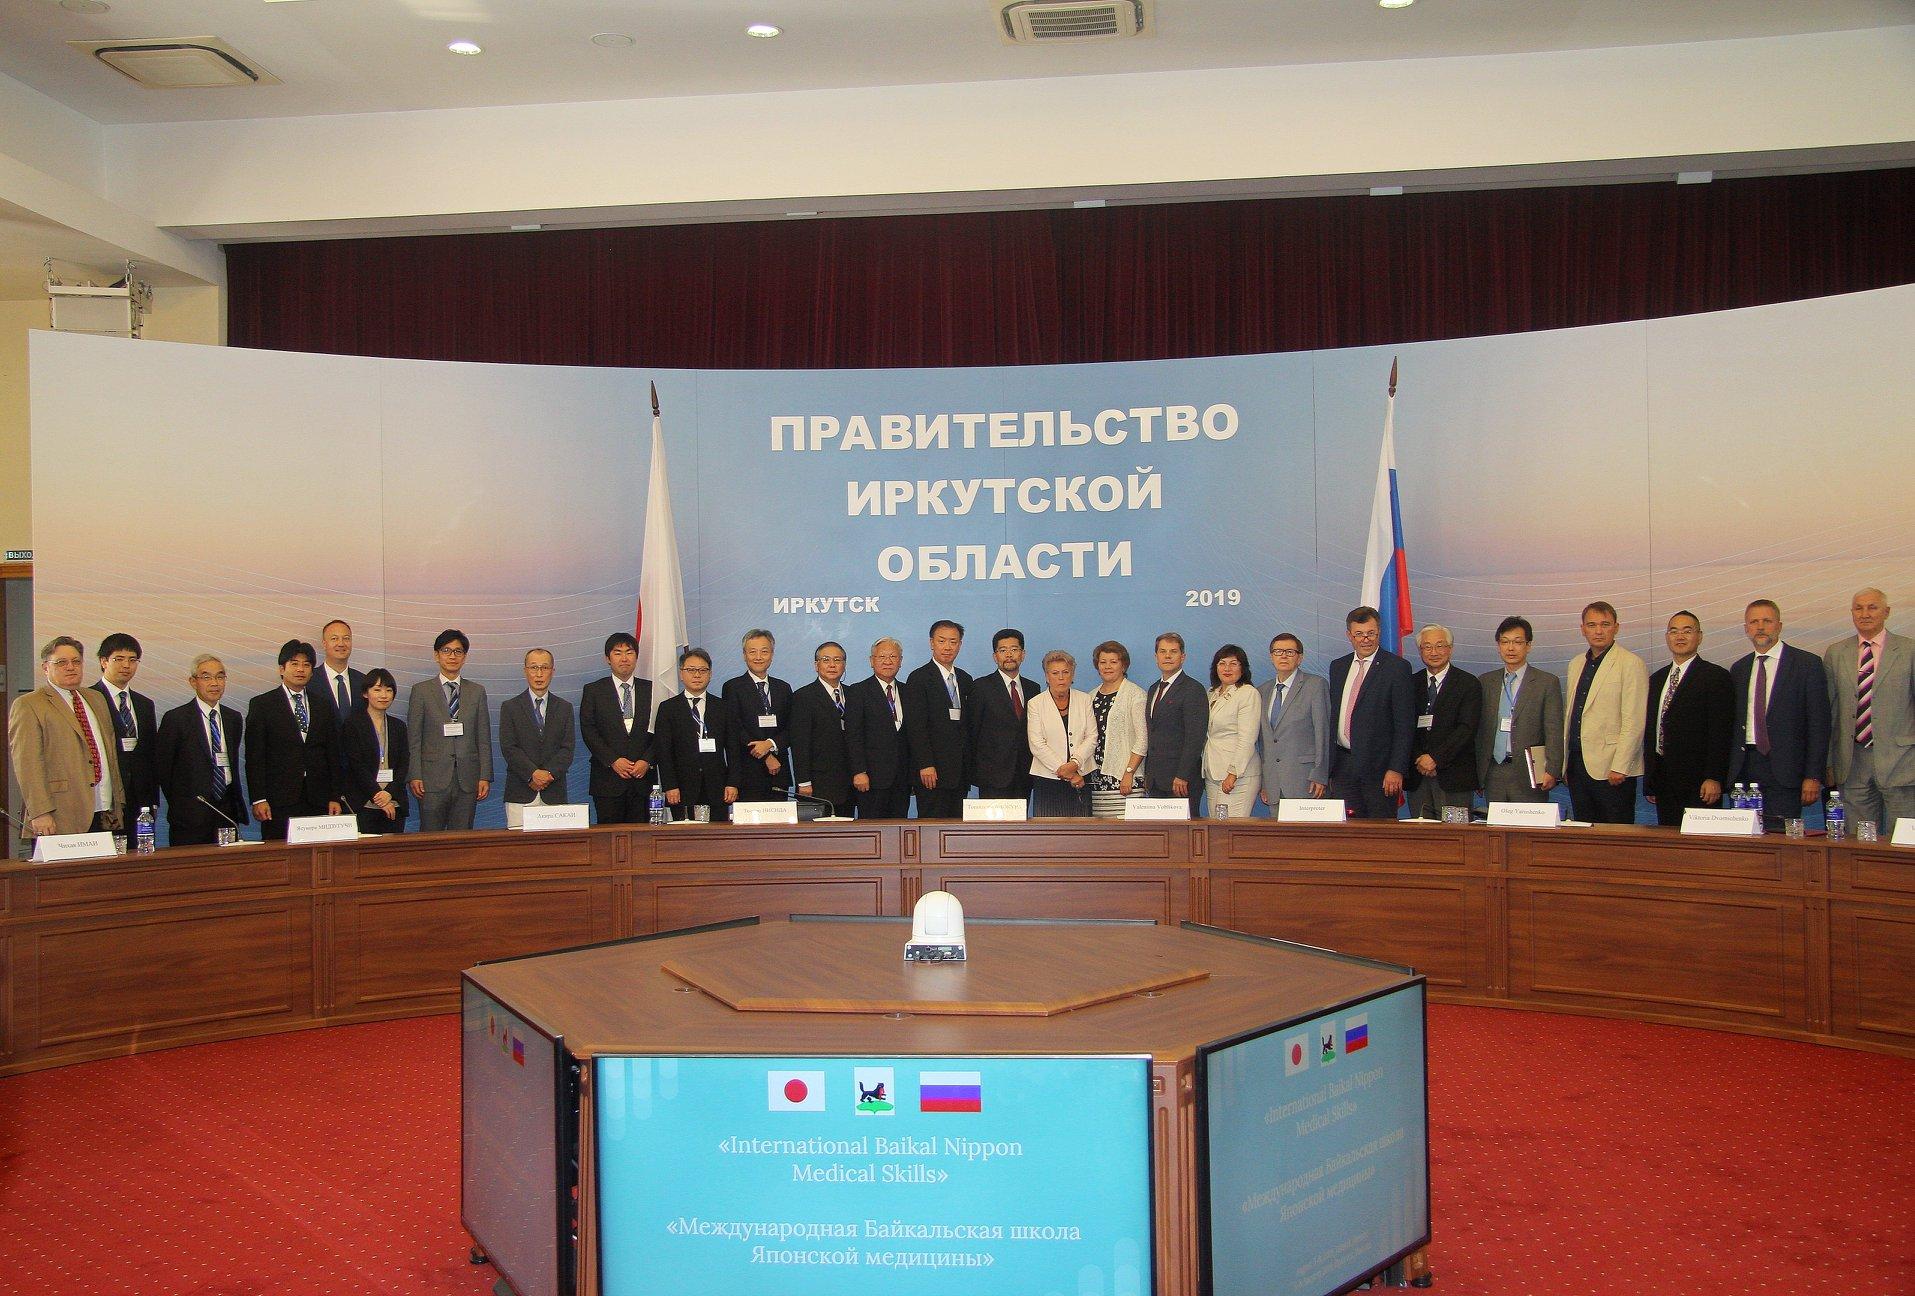 5 августа 2019 года в Иркутске открылся ежегодный форум «Международная Байкальская школа японской медицины». В Правительстве Иркутской области сегодня состоялось торжественное открытие форума. В течение трех дней специалисты из двух стран будут делит…